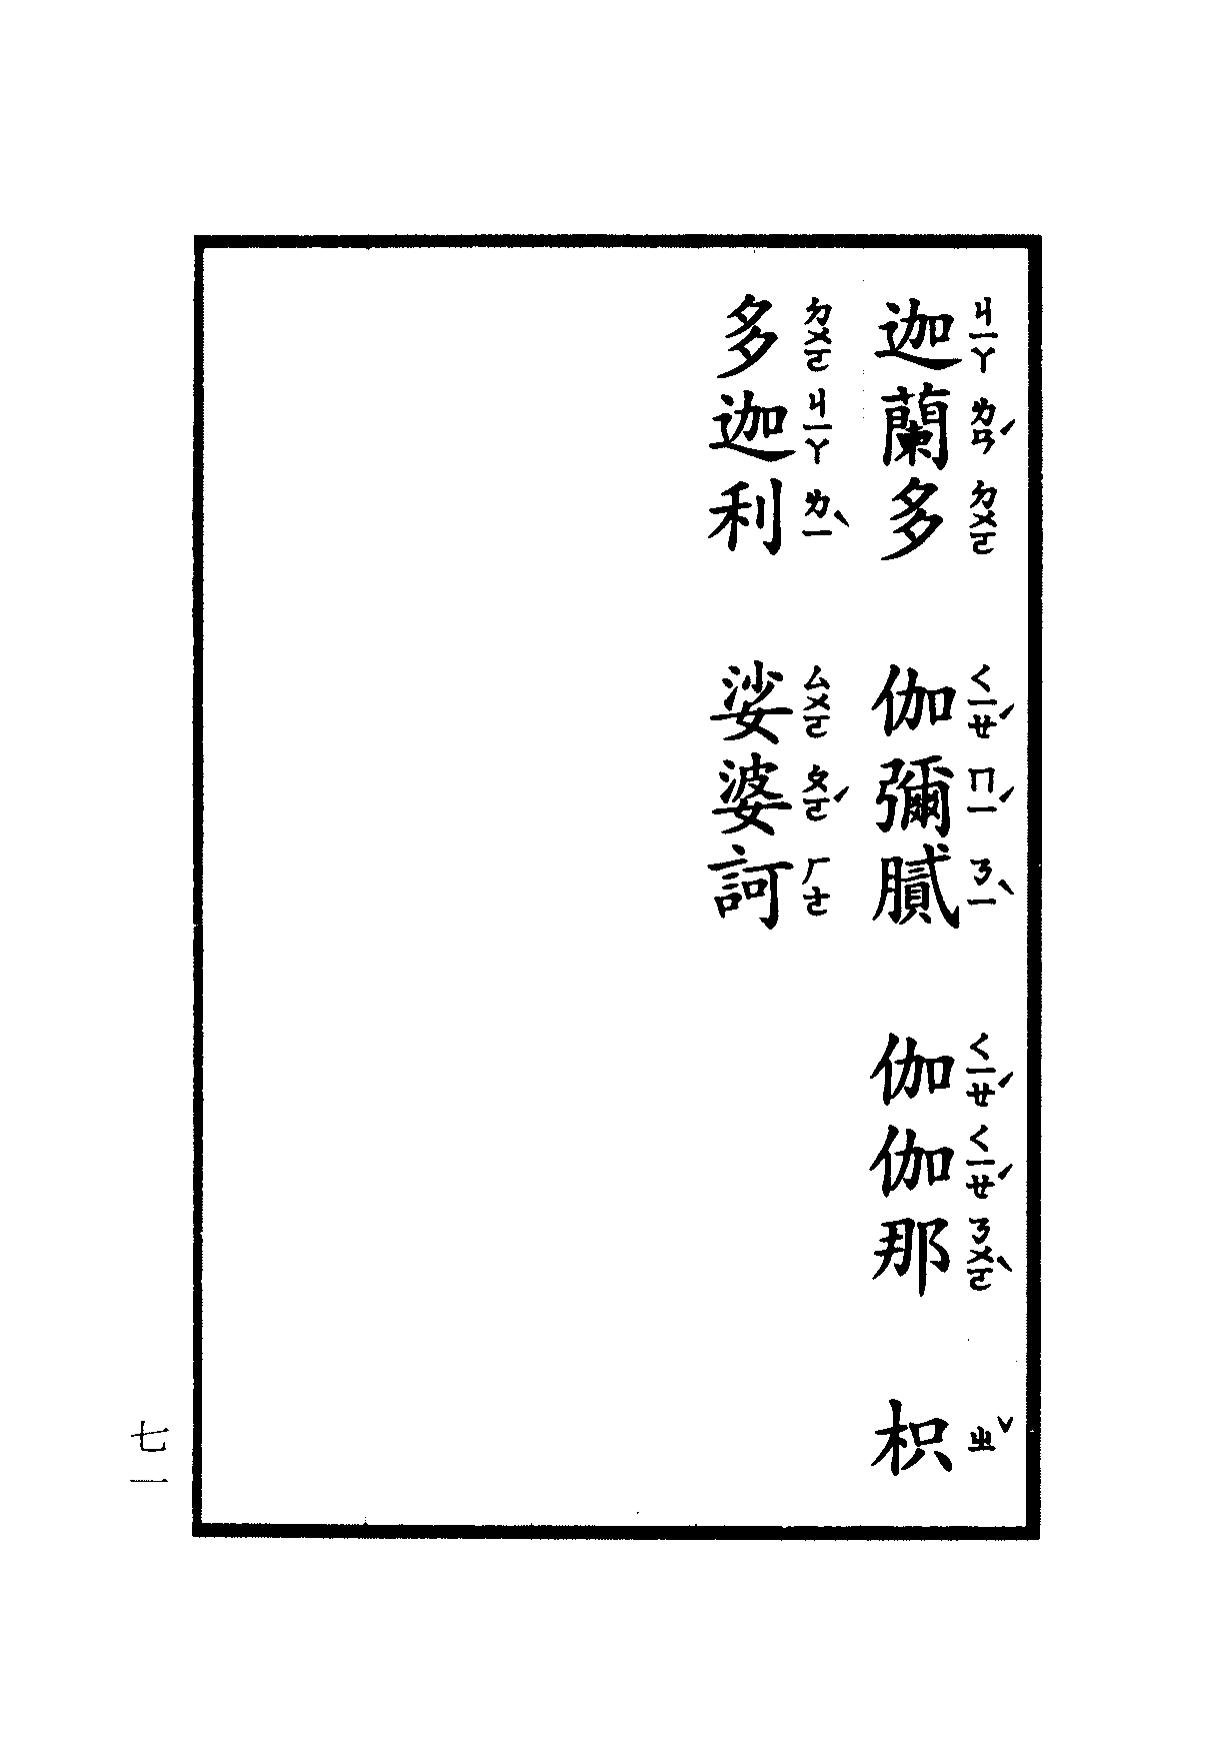 楞嚴咒-大悲咒-十小咒-易背本 77.png